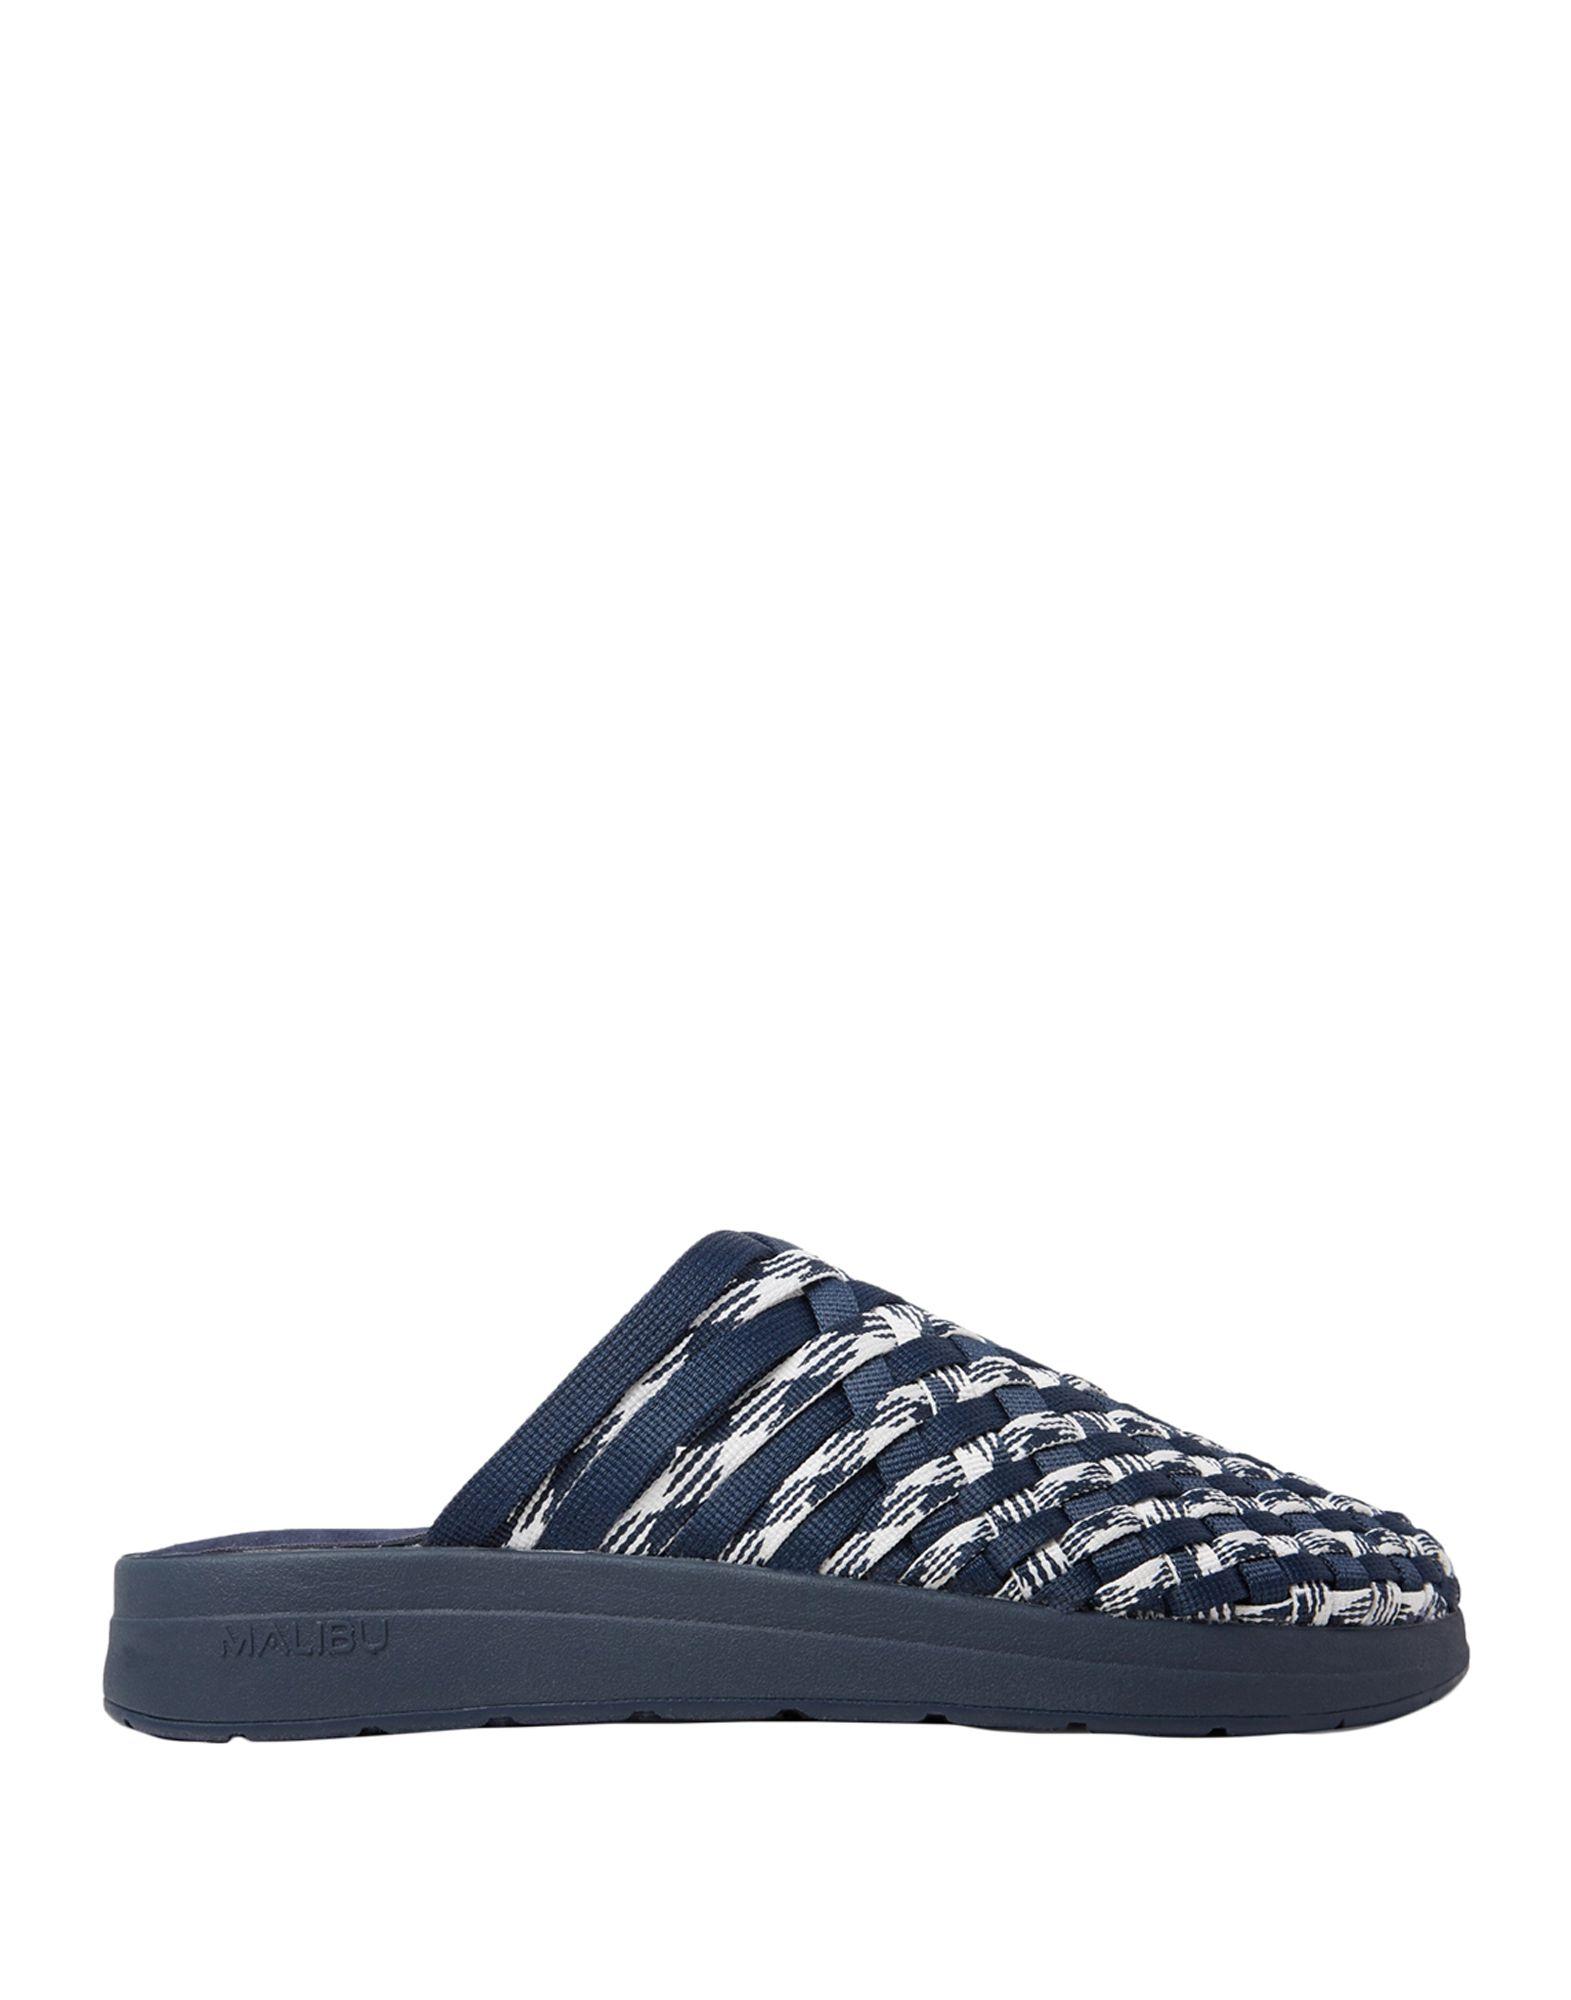 MALIBU SANDALS x MISSONI Мюлес и сабо malibu sandals x missoni низкие кеды и кроссовки